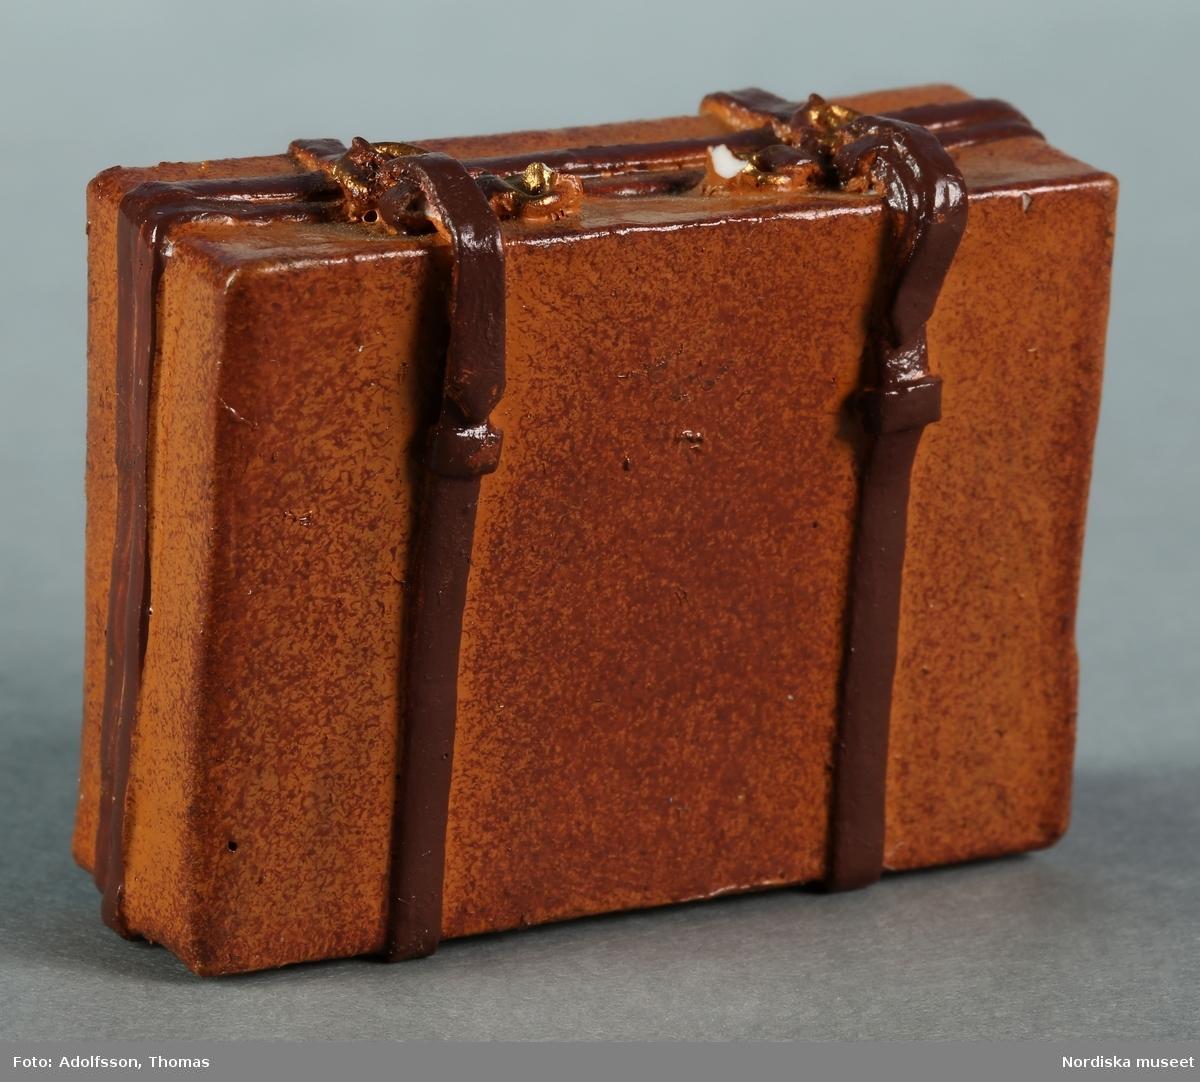 Resväska tillverkad av gips eller konstmassa och målad i två olika bruna nyanser. Ska stå i dockskåpets vindsutrymme.